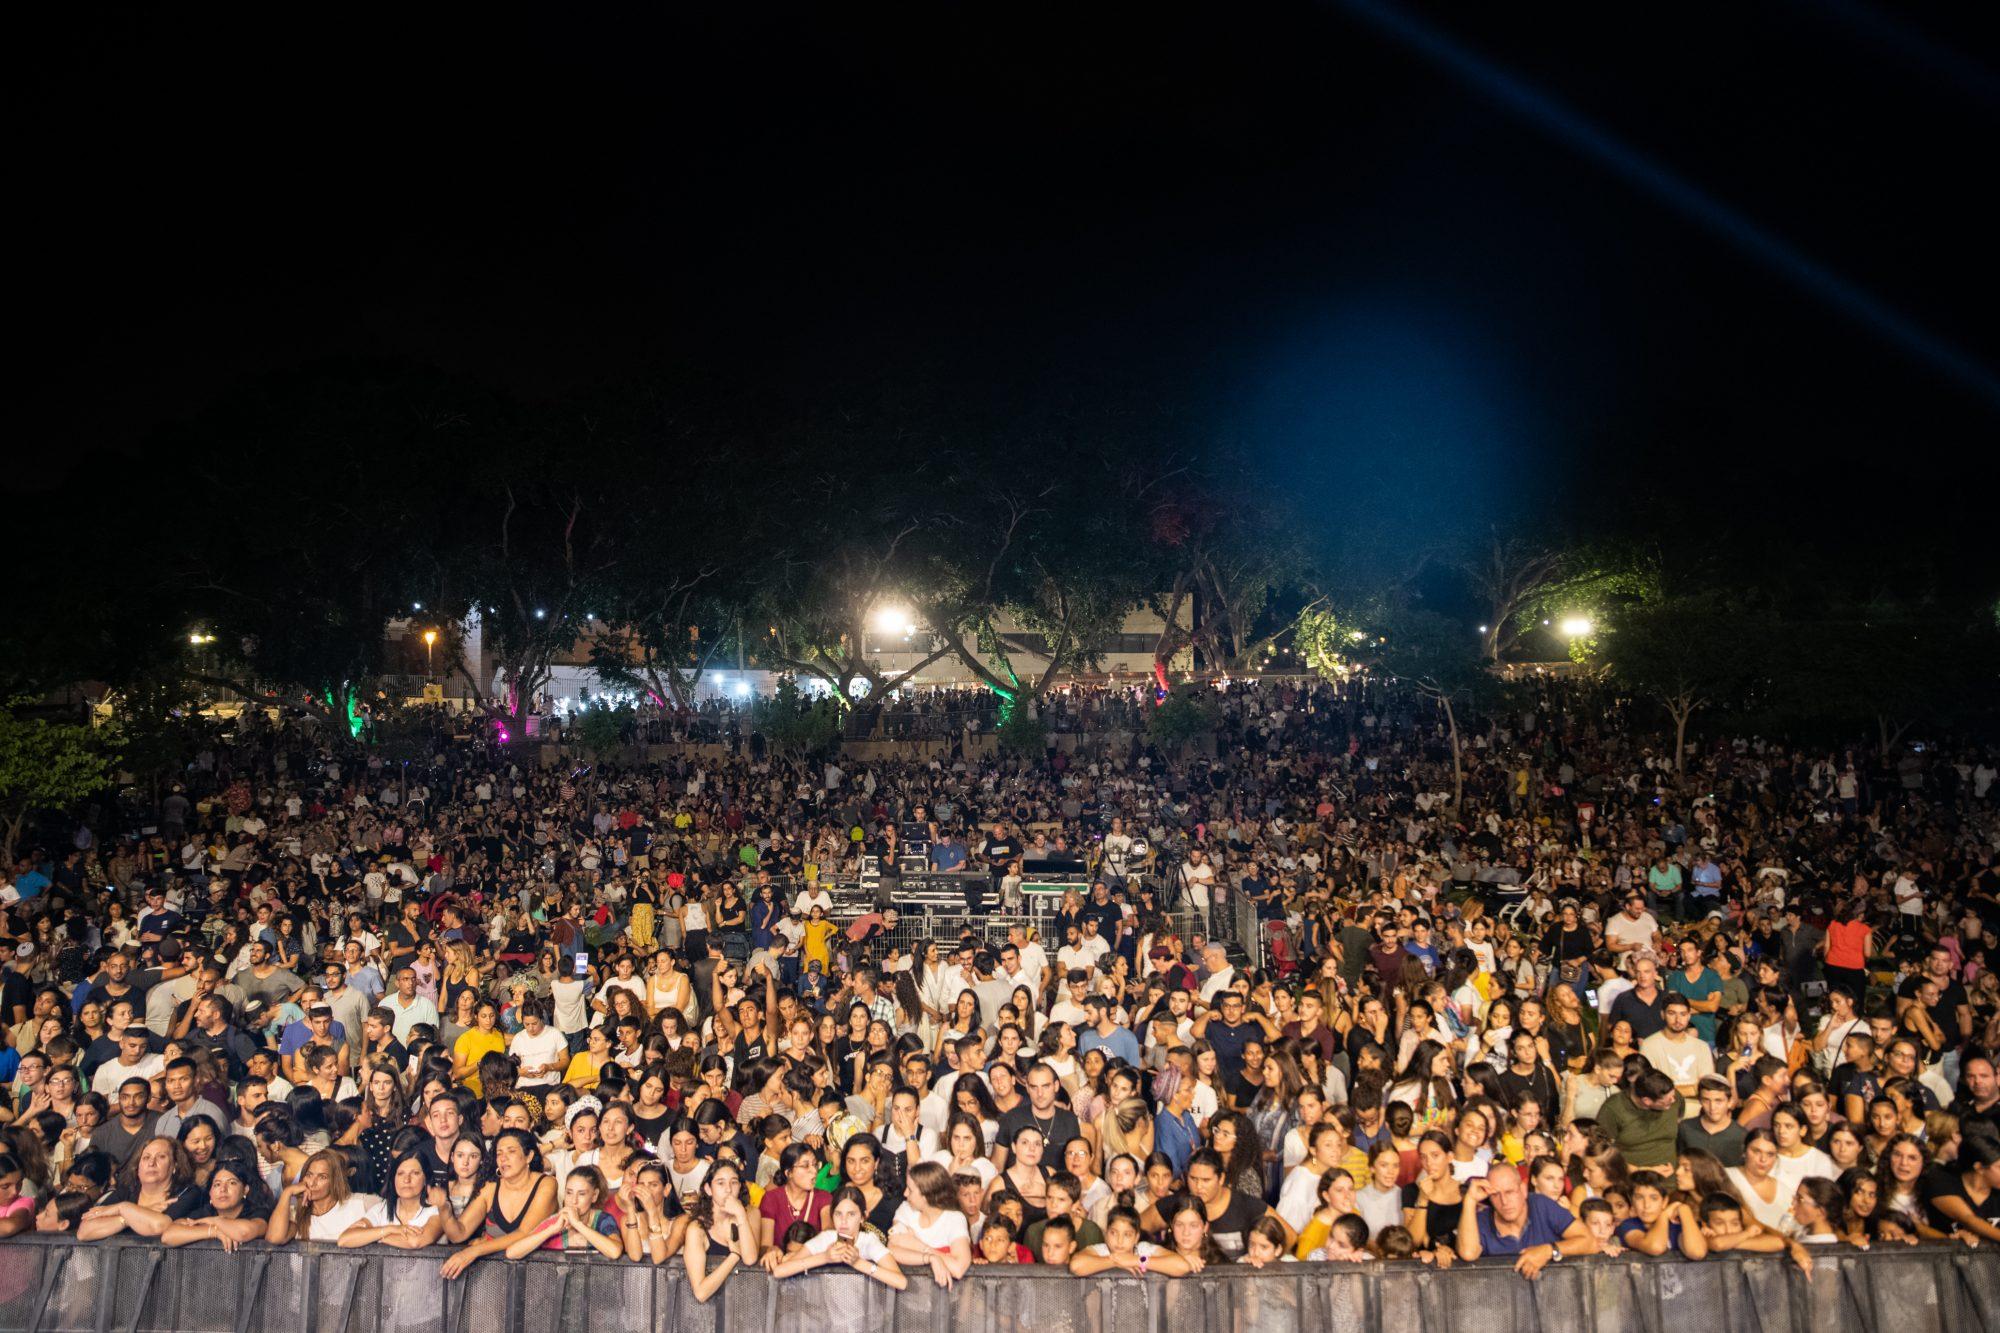 4,500 מתושבי המועצה האזורית חוף אשקלון פקדו את חגיגות הזמר קטיף ביישוב ניצן